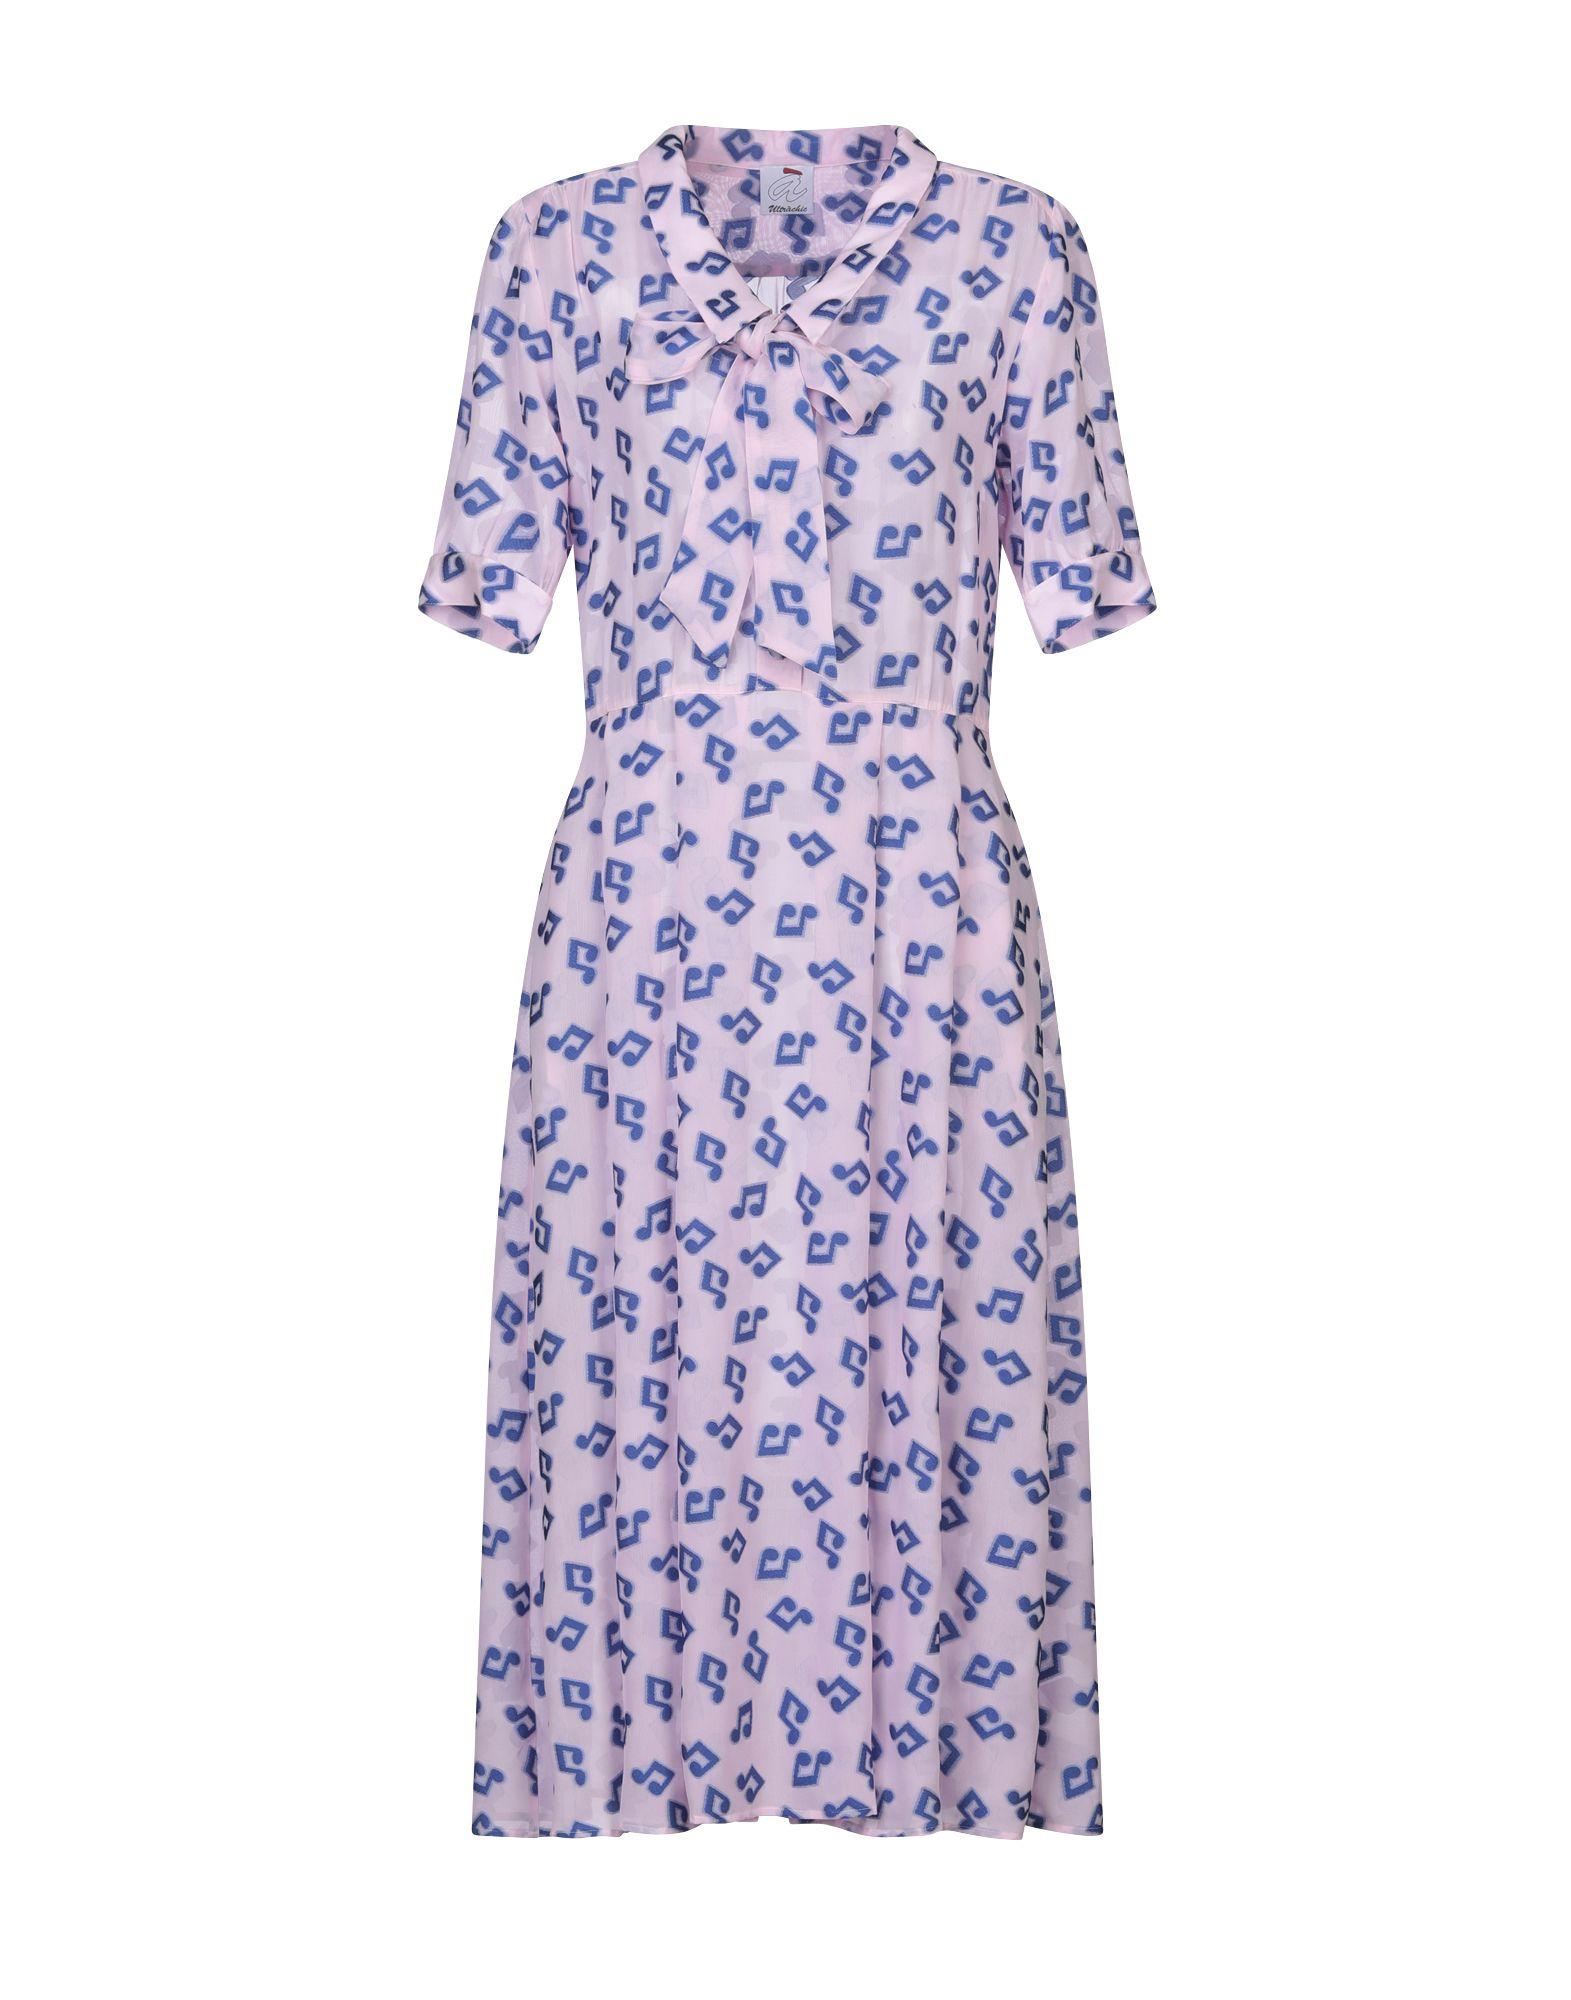 ULTRA'CHIC Платье длиной 3/4